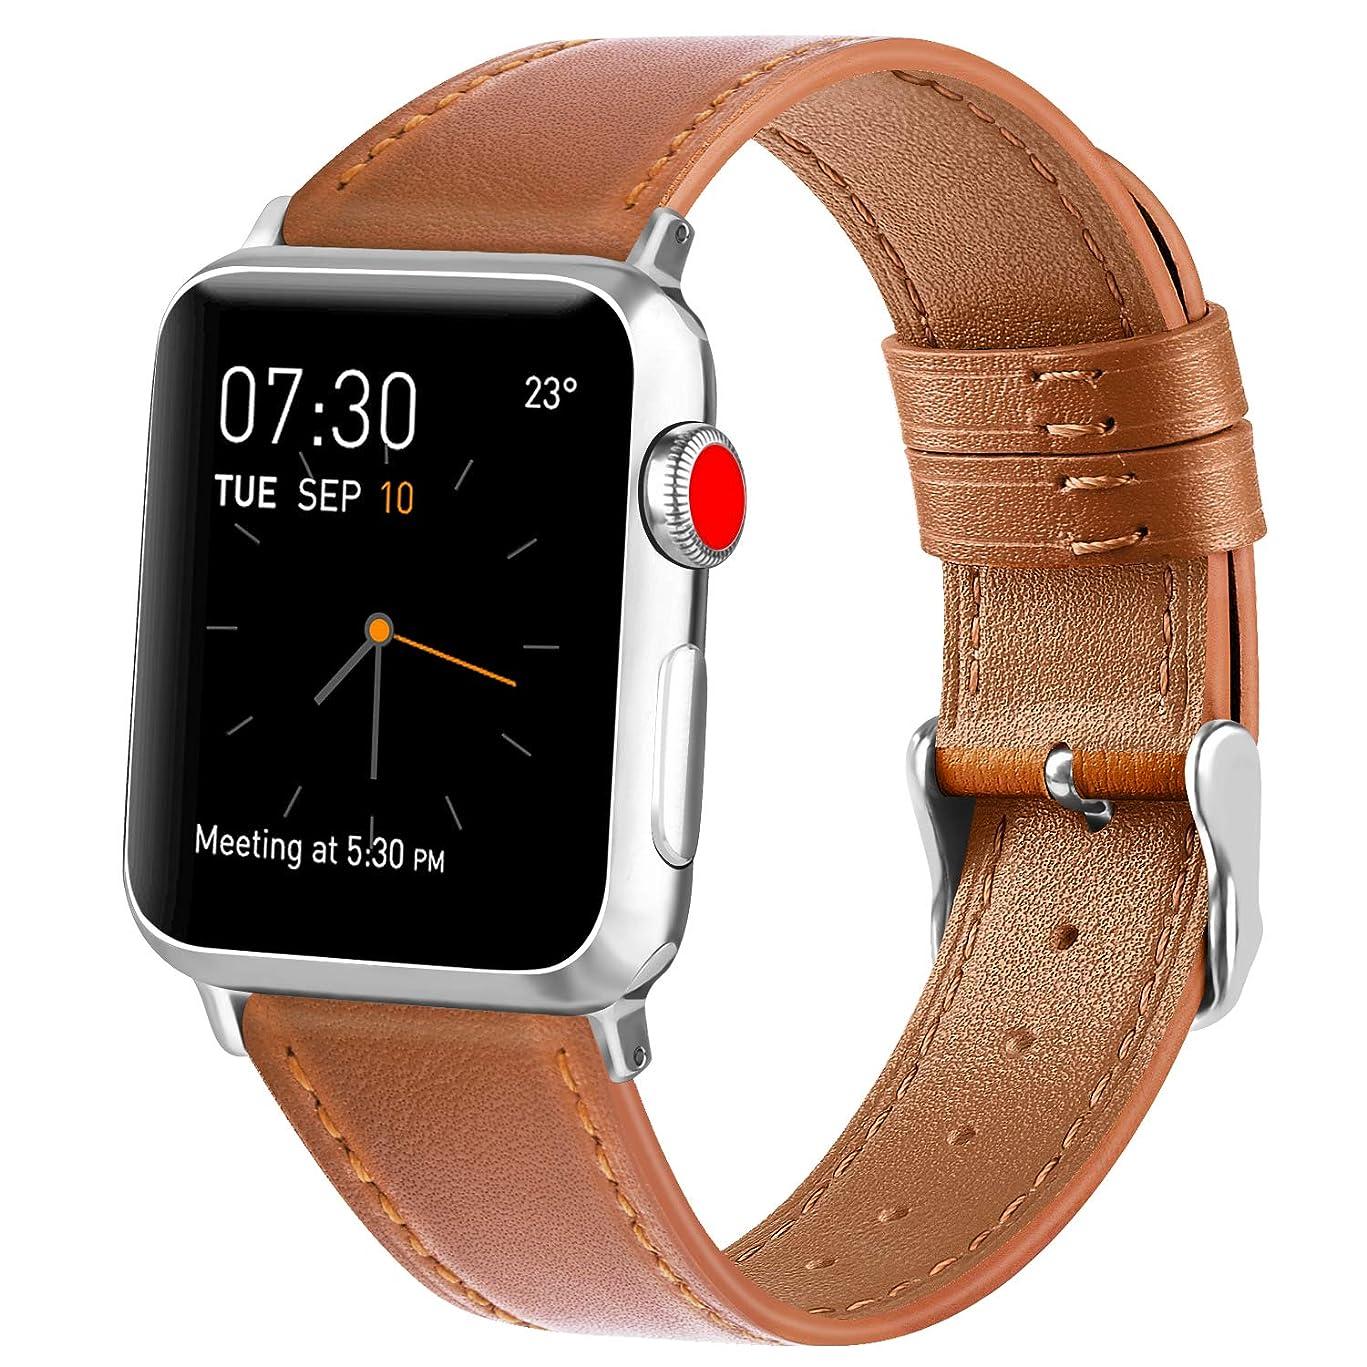 残酷なあいさつログVancle コンパチブル Apple Watch バンド 本革 レザーベルト アップルウォッチバンド 38mm 42mm 40mm 44mm 交換バンド iWatch Series4/3/2/1 レザー製 (42mm/44mm, ブラウン)